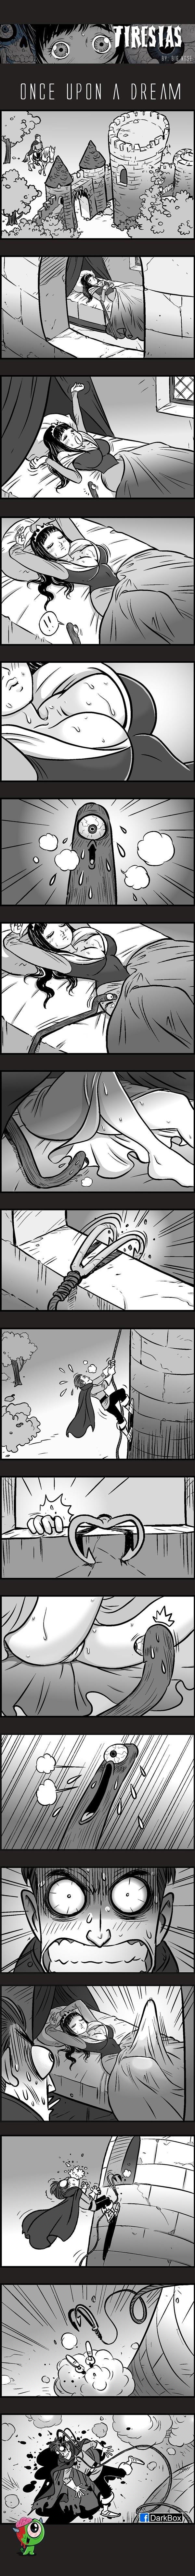 Однажды во сне Tiresias, DarkBox, комиксы, длиннопост